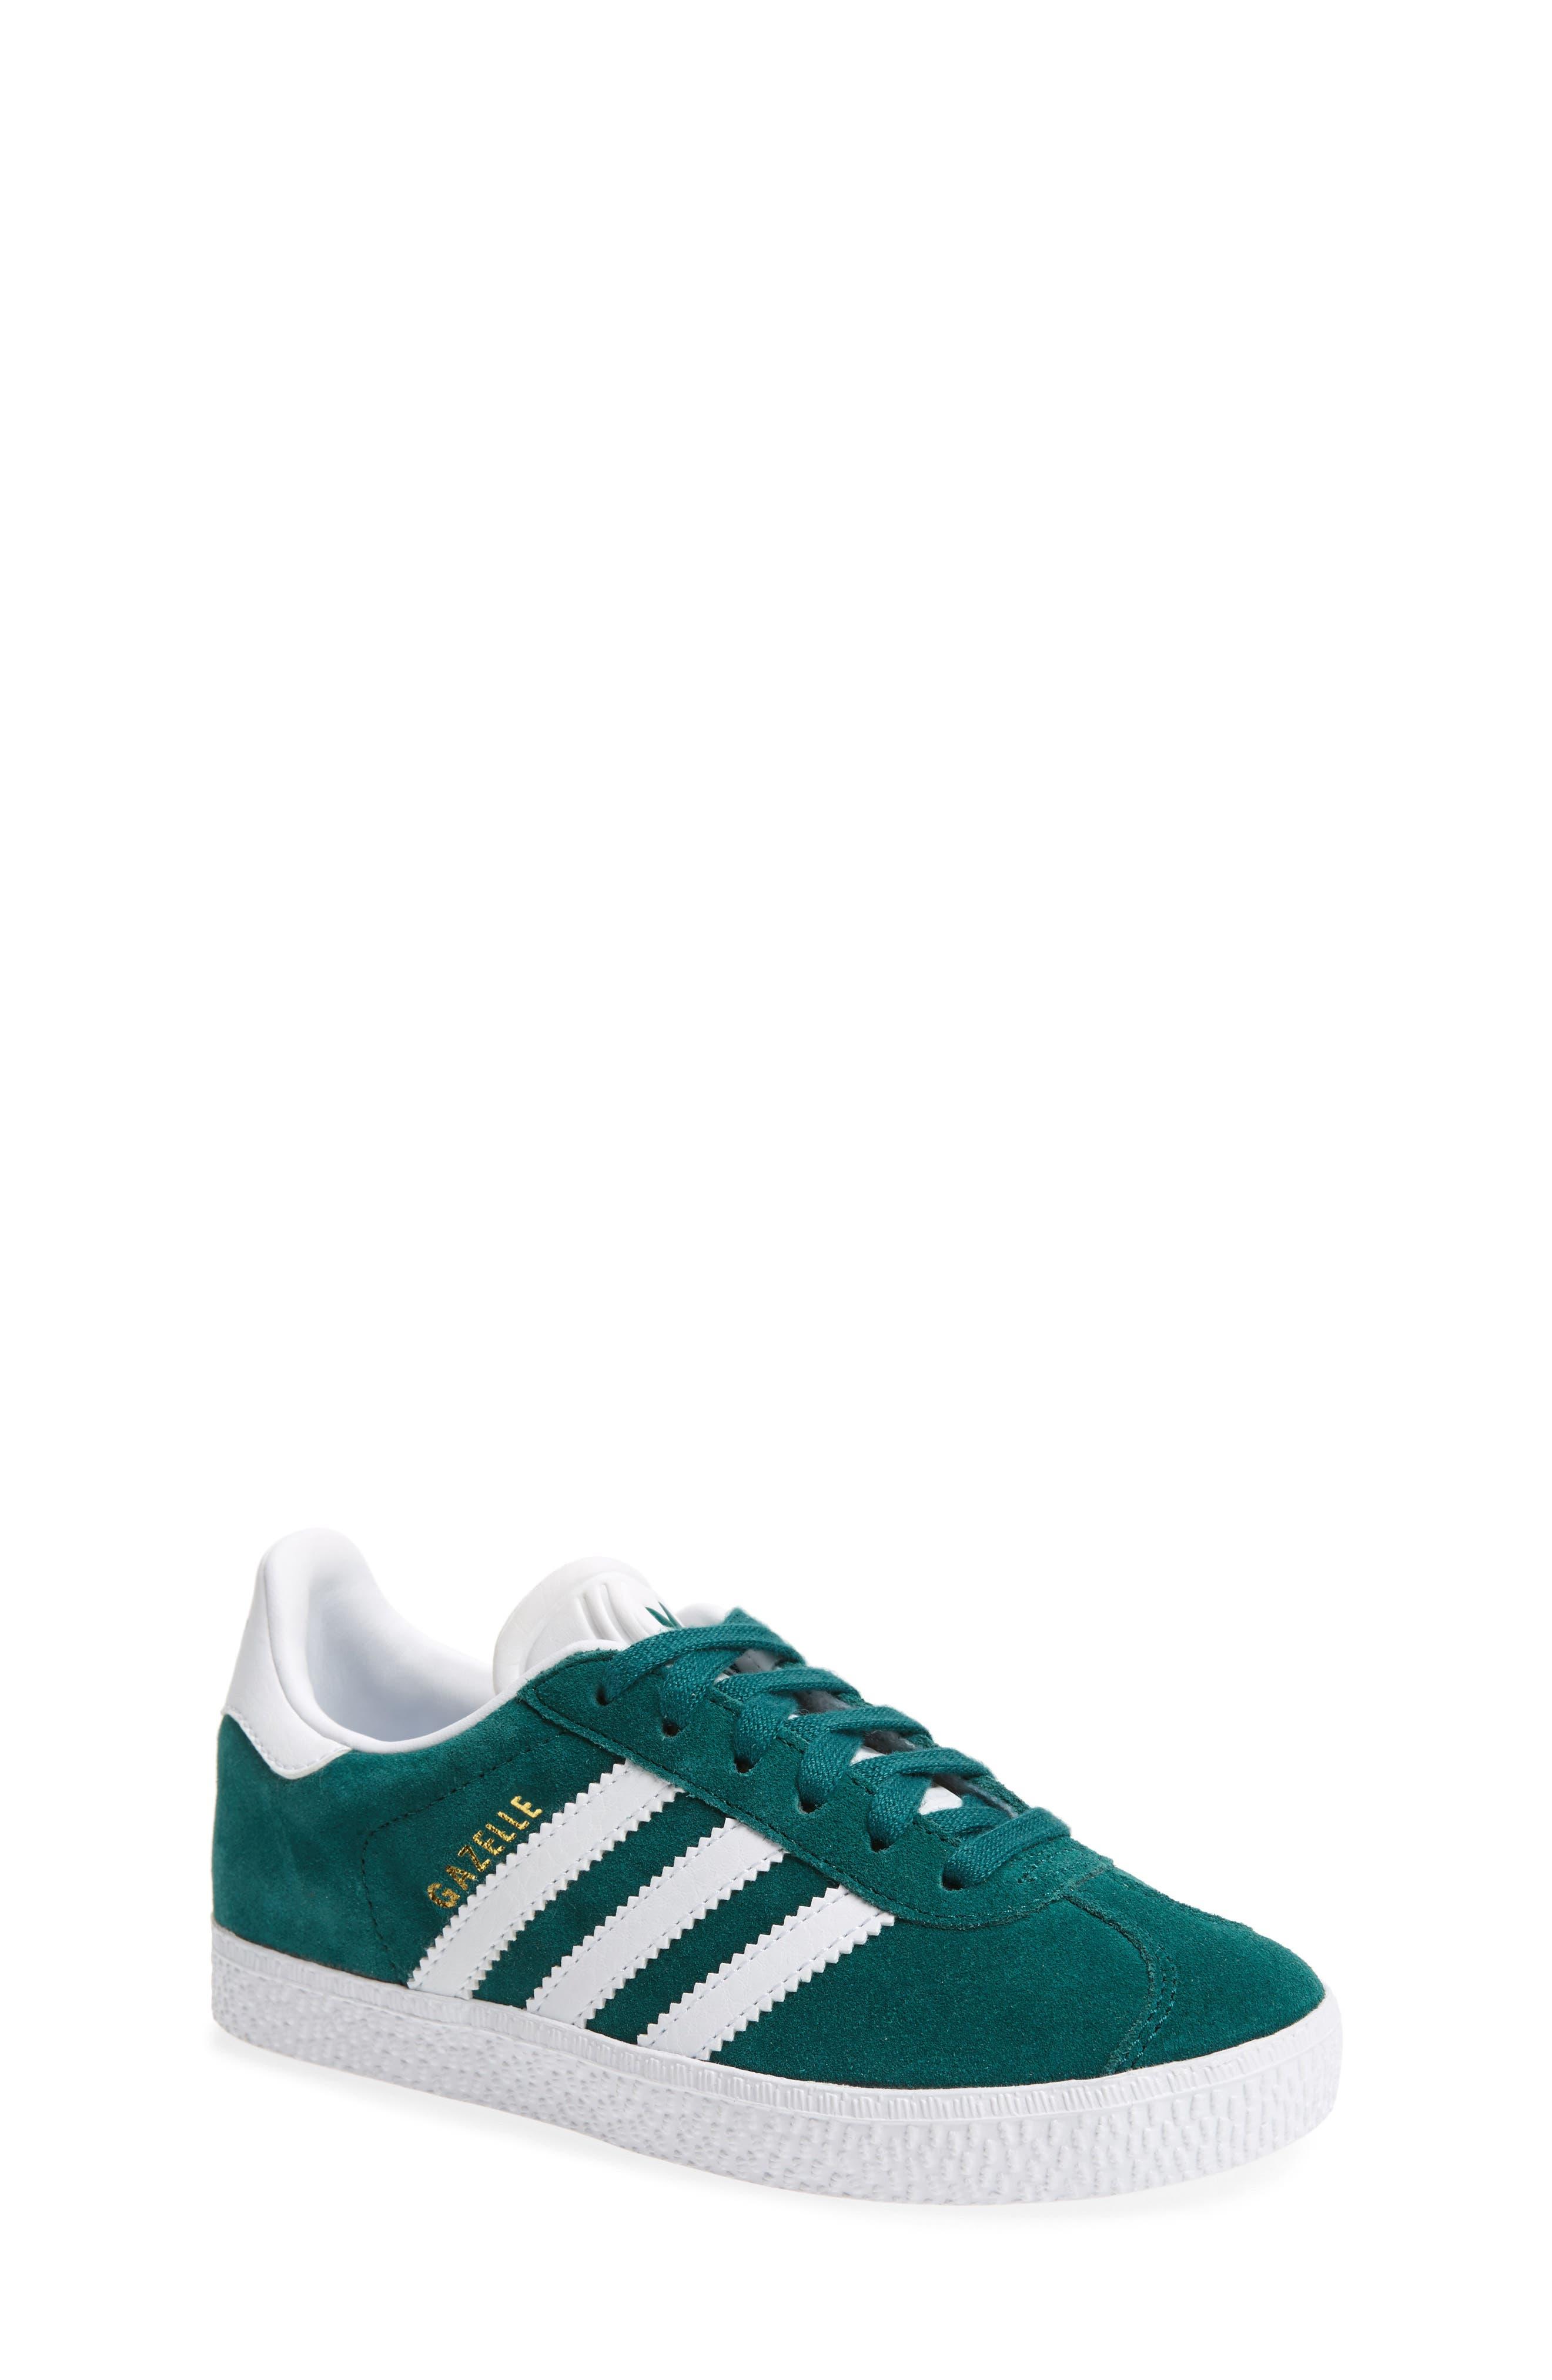 Gazelle Sneaker,                         Main,                         color, Noble Green/ White